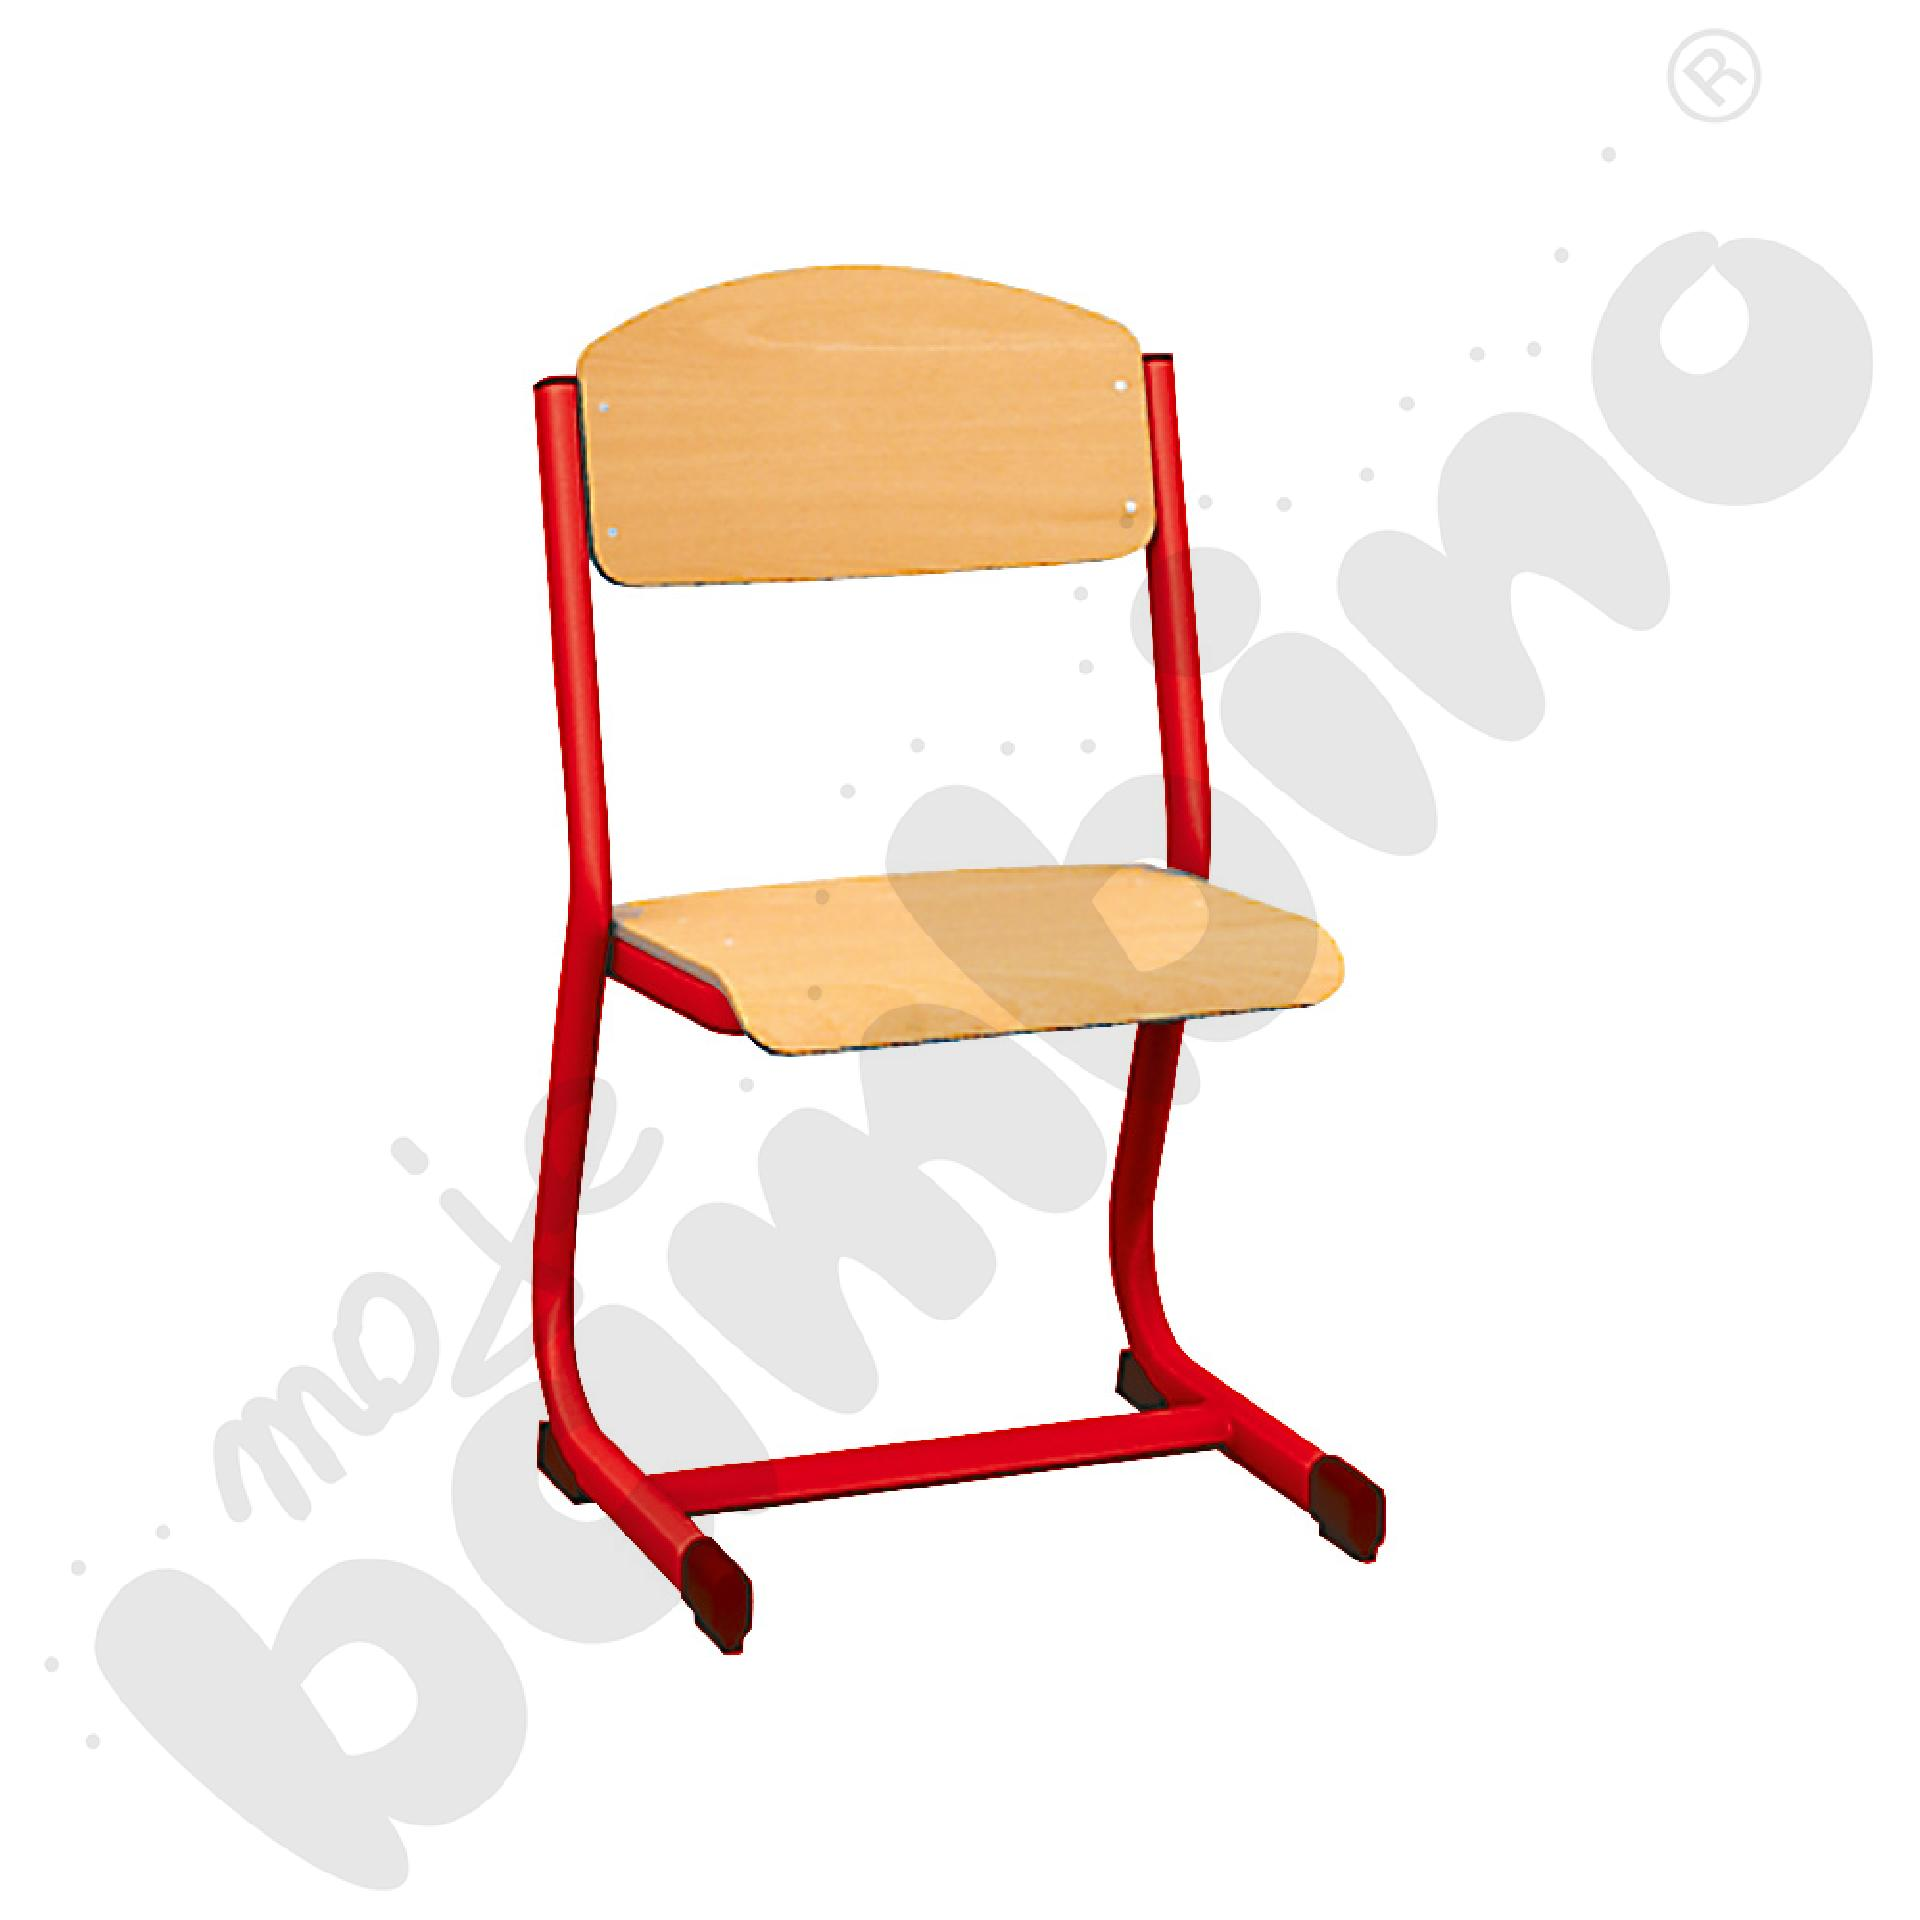 Krzesło IN-C rozm. 5 czerwone